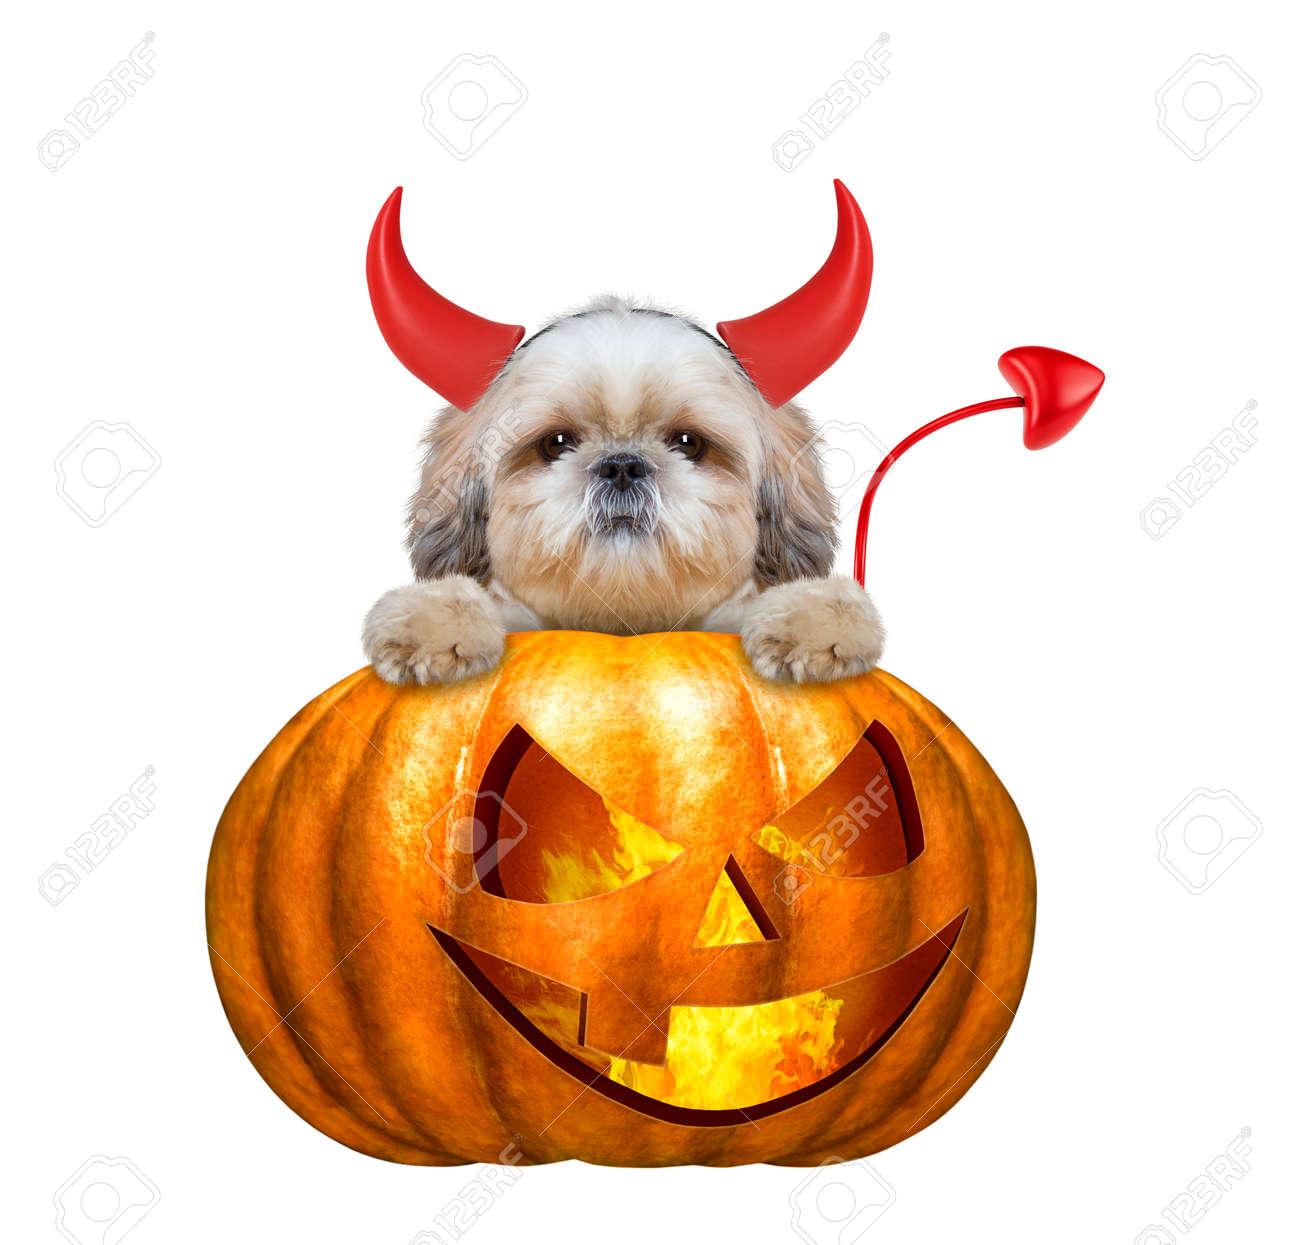 Halloween Kurbis Hexe Niedlich Shitzu Hund Isoliert Auf Weiss